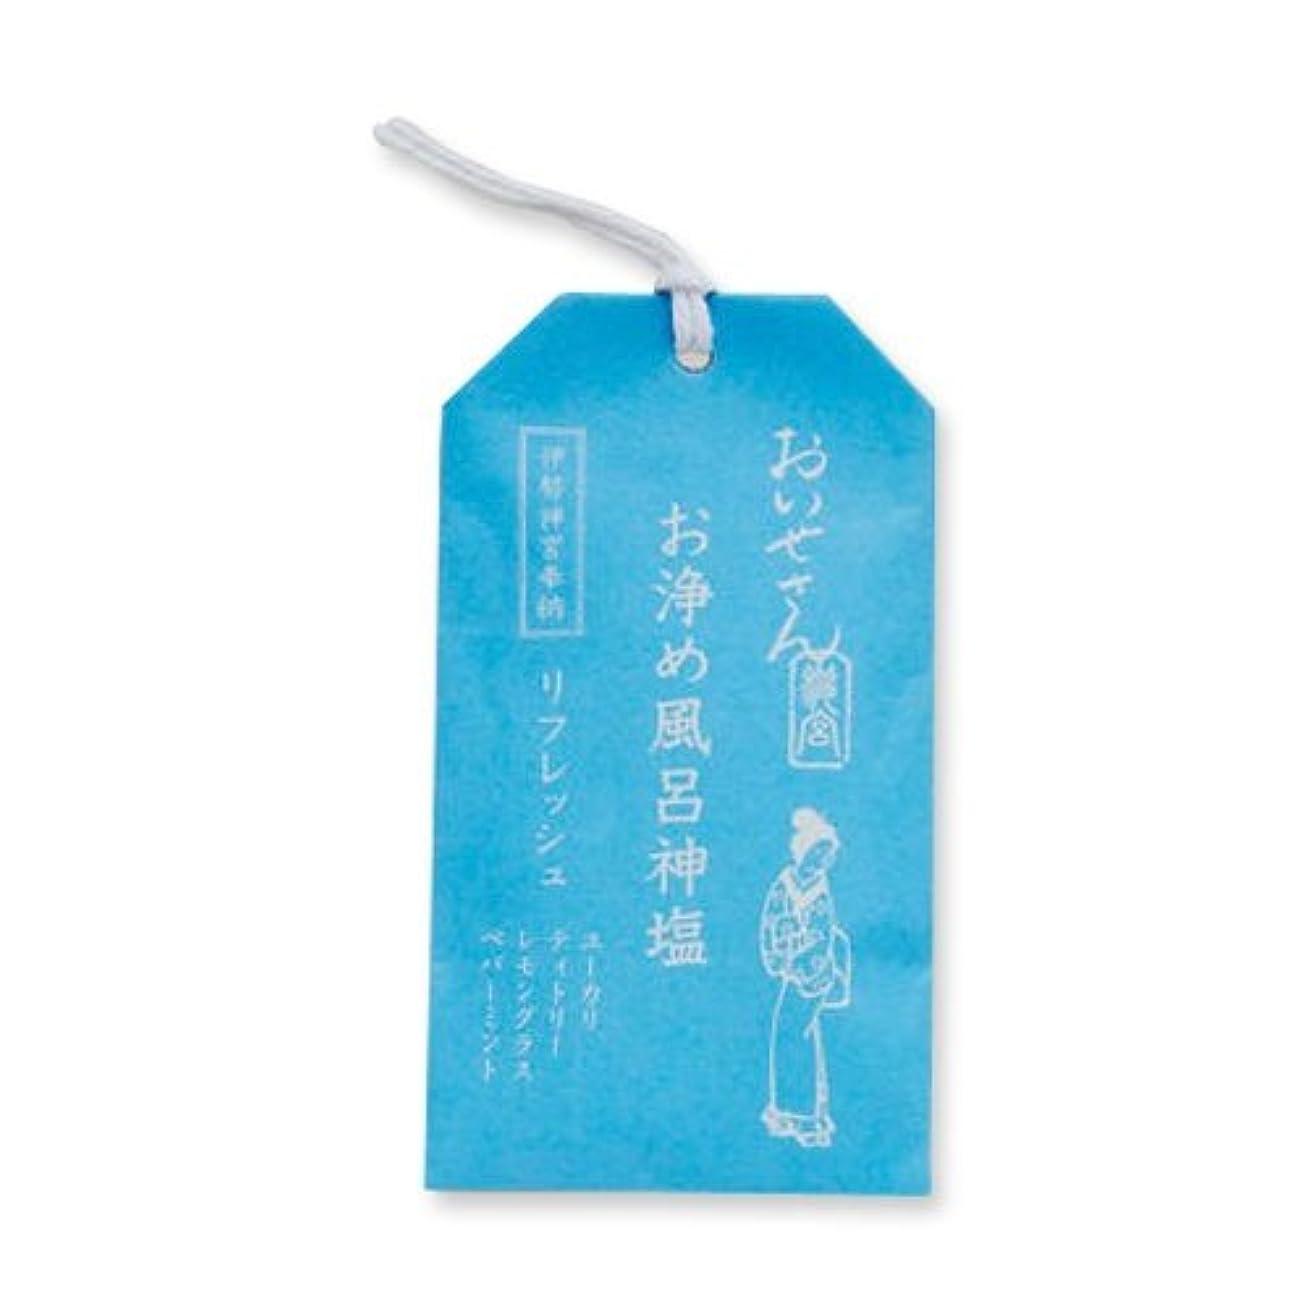 中でひらめき貫通おいせさん お浄め風呂神塩 バス用ソルト(リフレッシュ) 20g